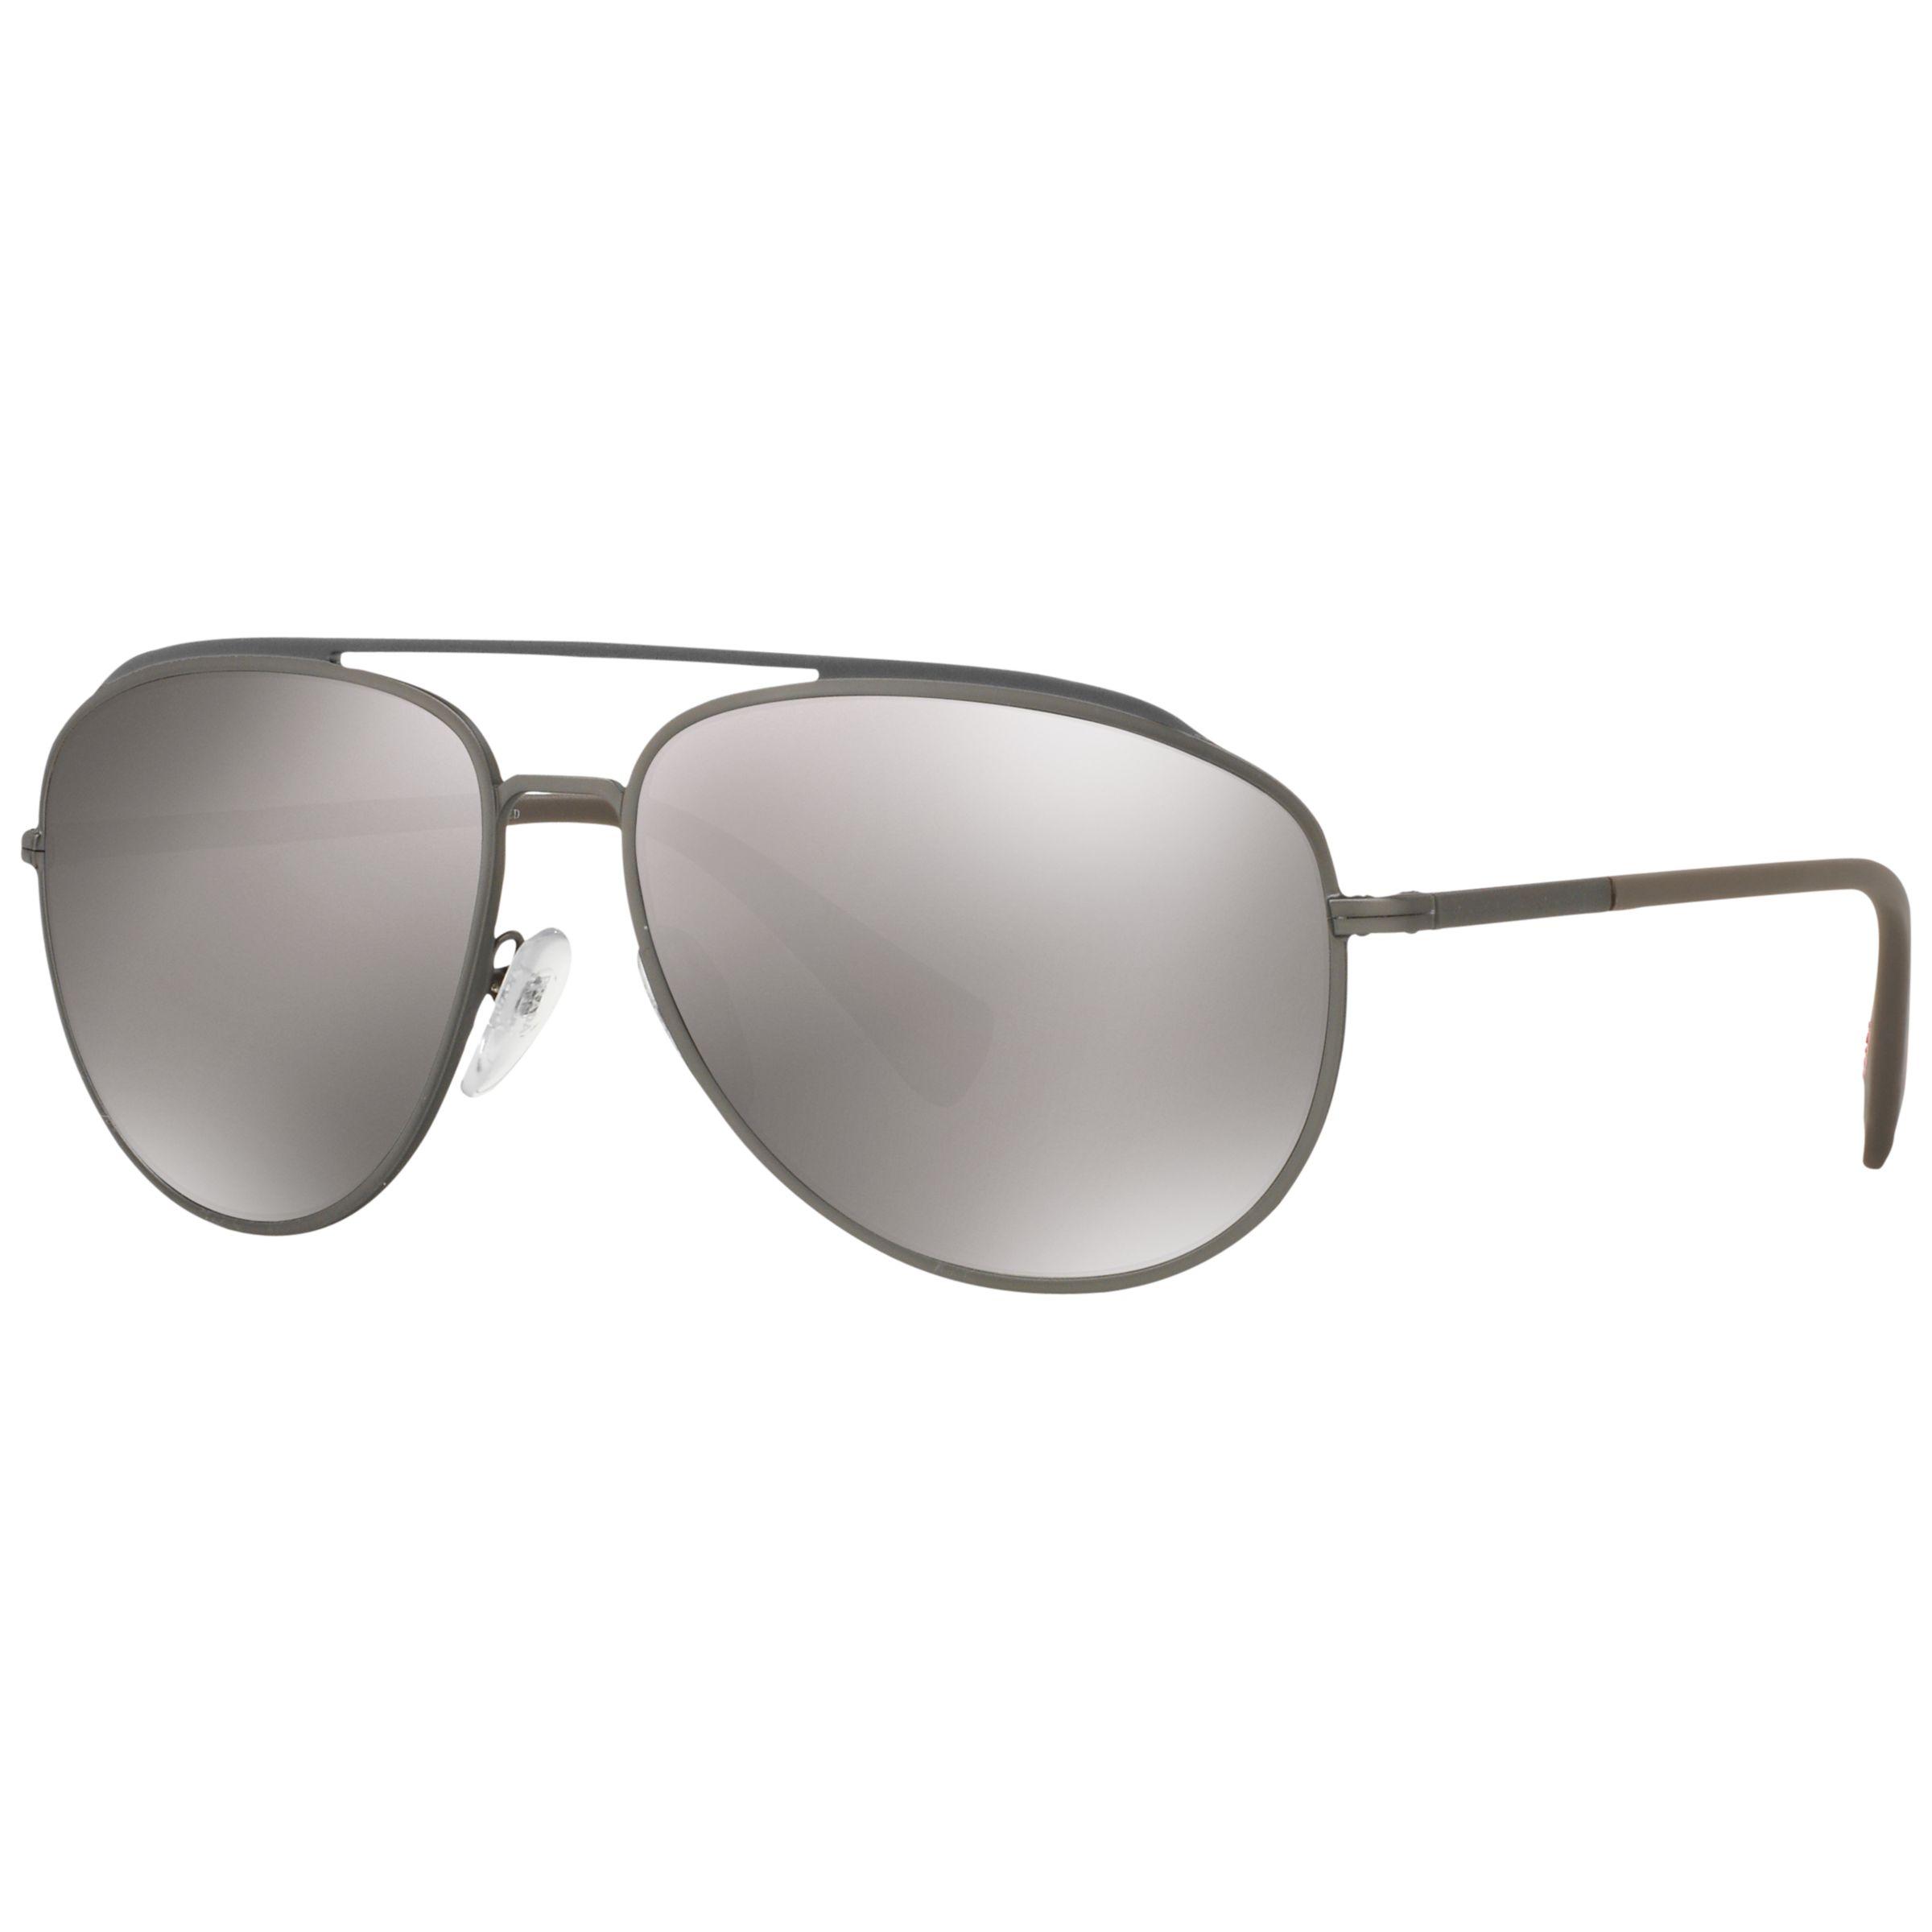 Prada Linea Rossa Prada Linea Rossa PS 55RS Polarised Aviator Sunglasses, Brown/Silver